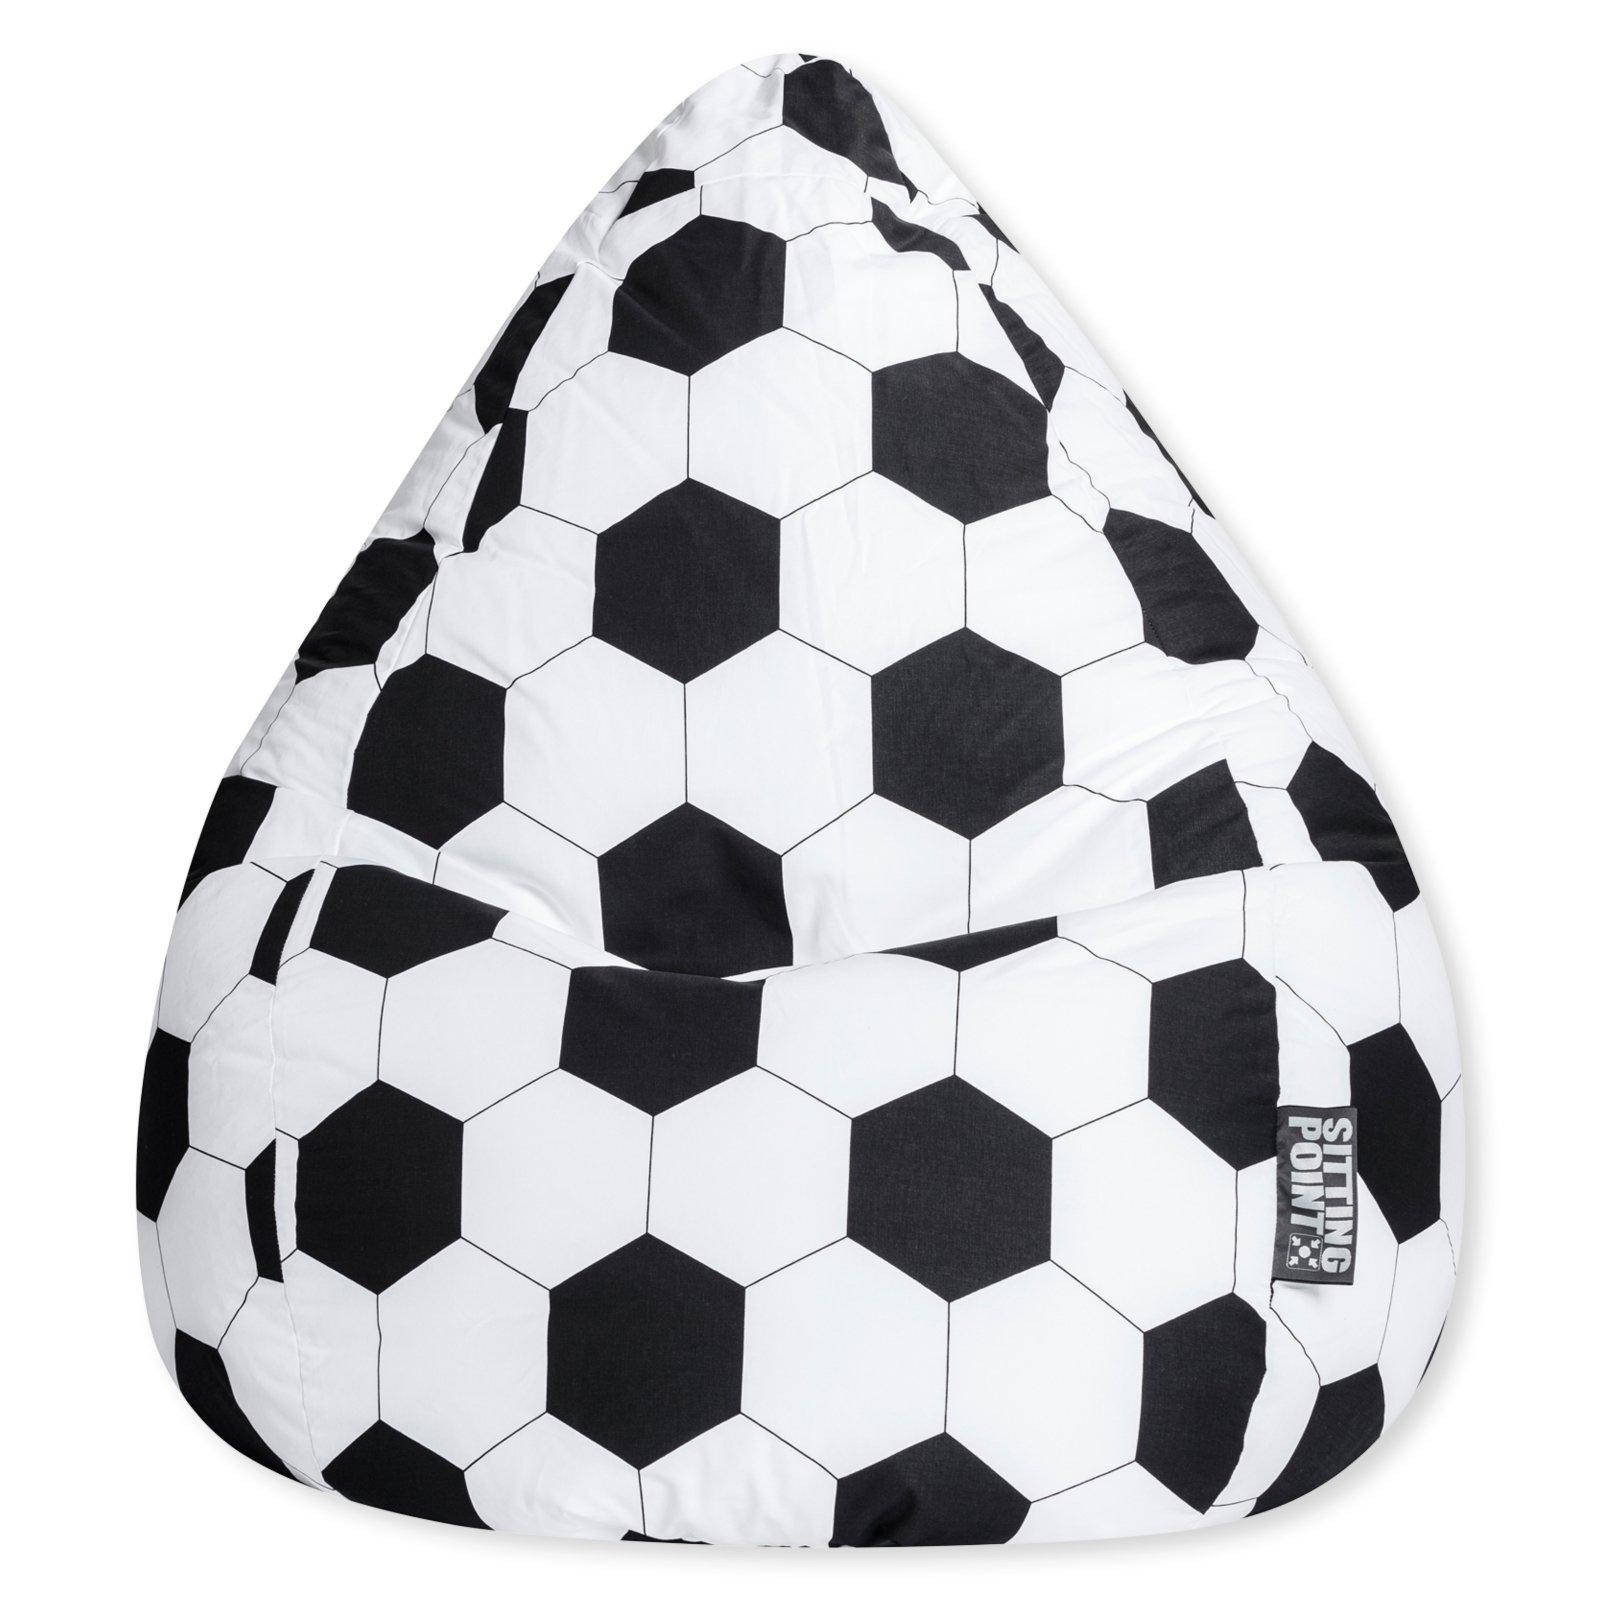 sitzsack fussball schwarz wei 90x70 cm sitzs cke kinder jugendzimmer wohnbereiche. Black Bedroom Furniture Sets. Home Design Ideas